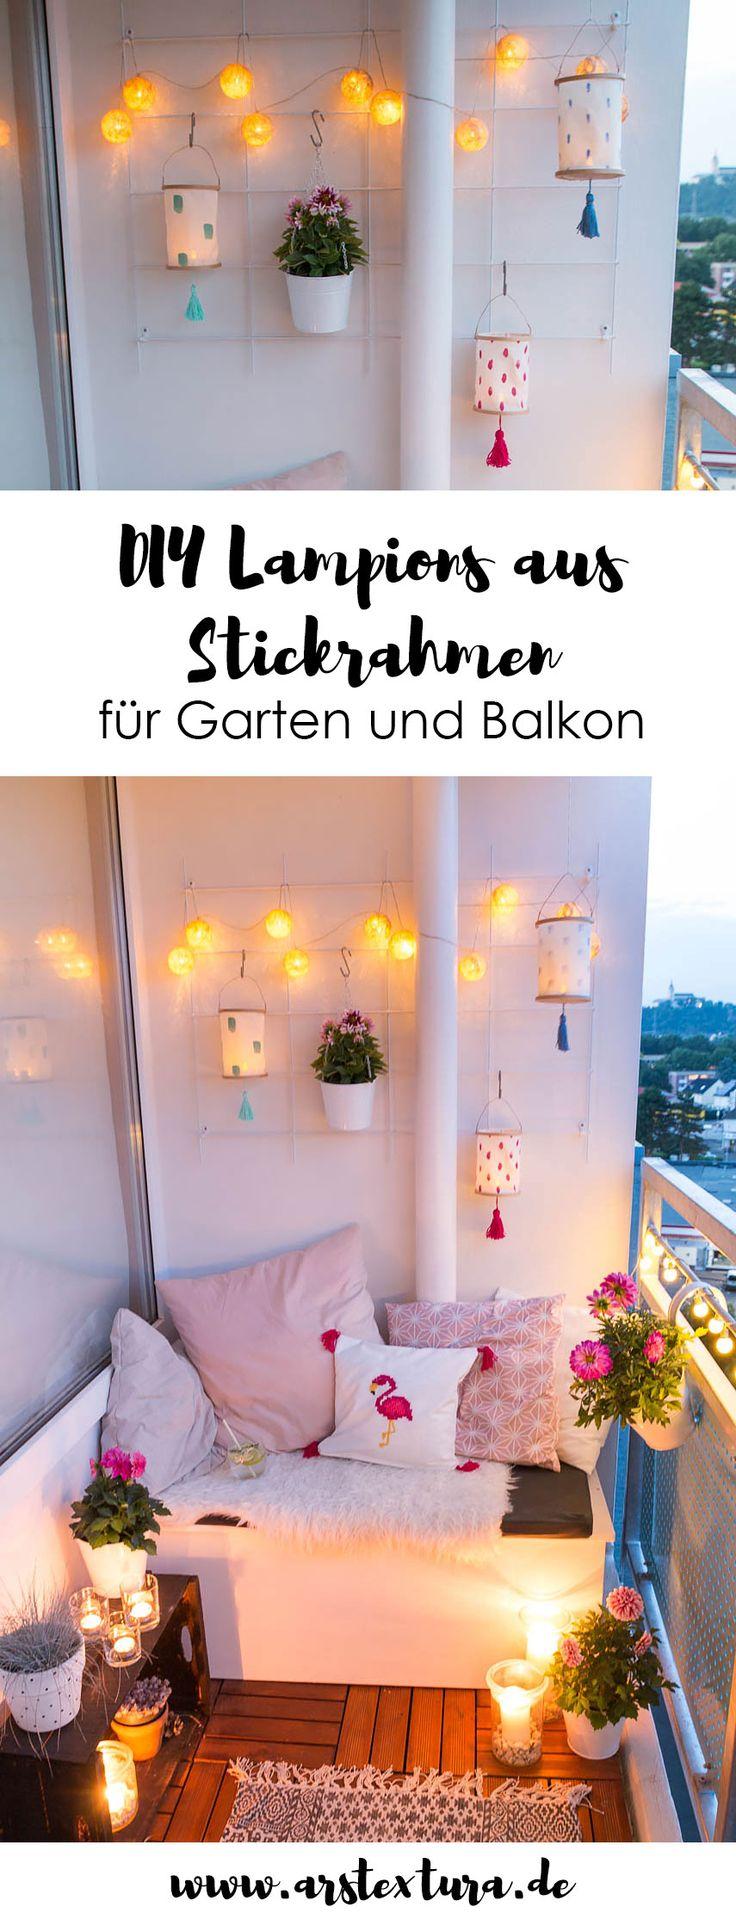 DIY Lampions aus Stickrahmen basteln - ideal für Balkon und Garten